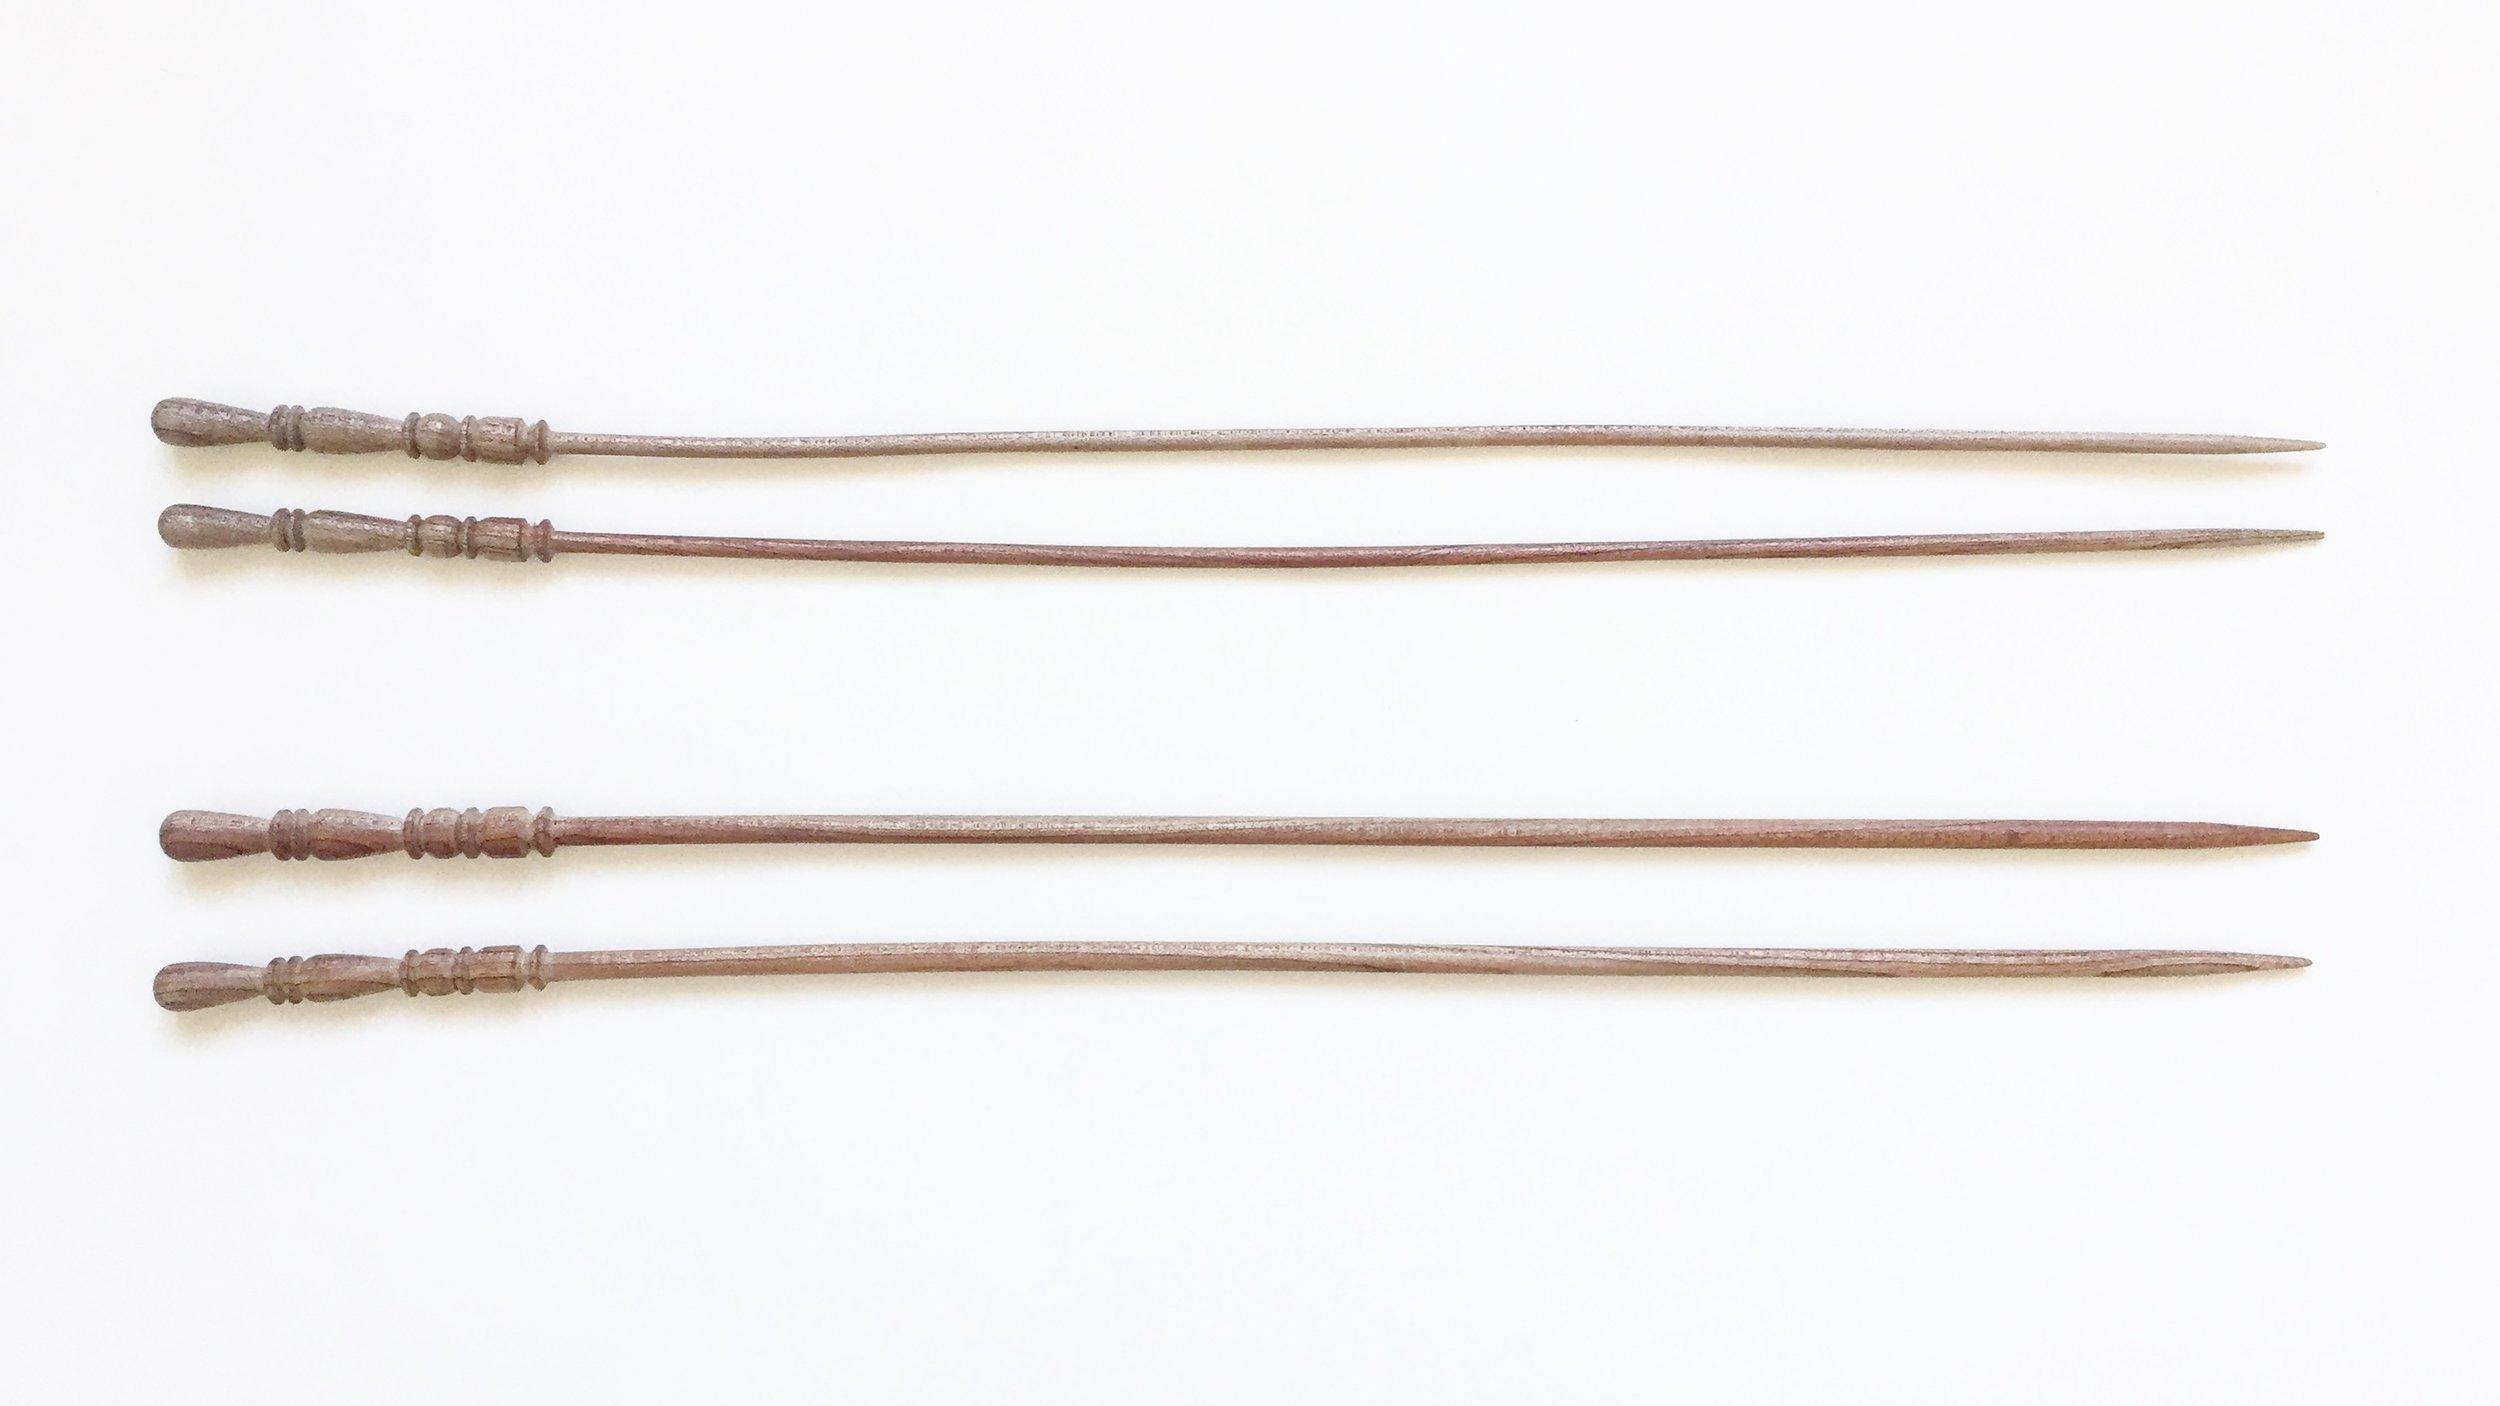 Surina Knitting Needles Review